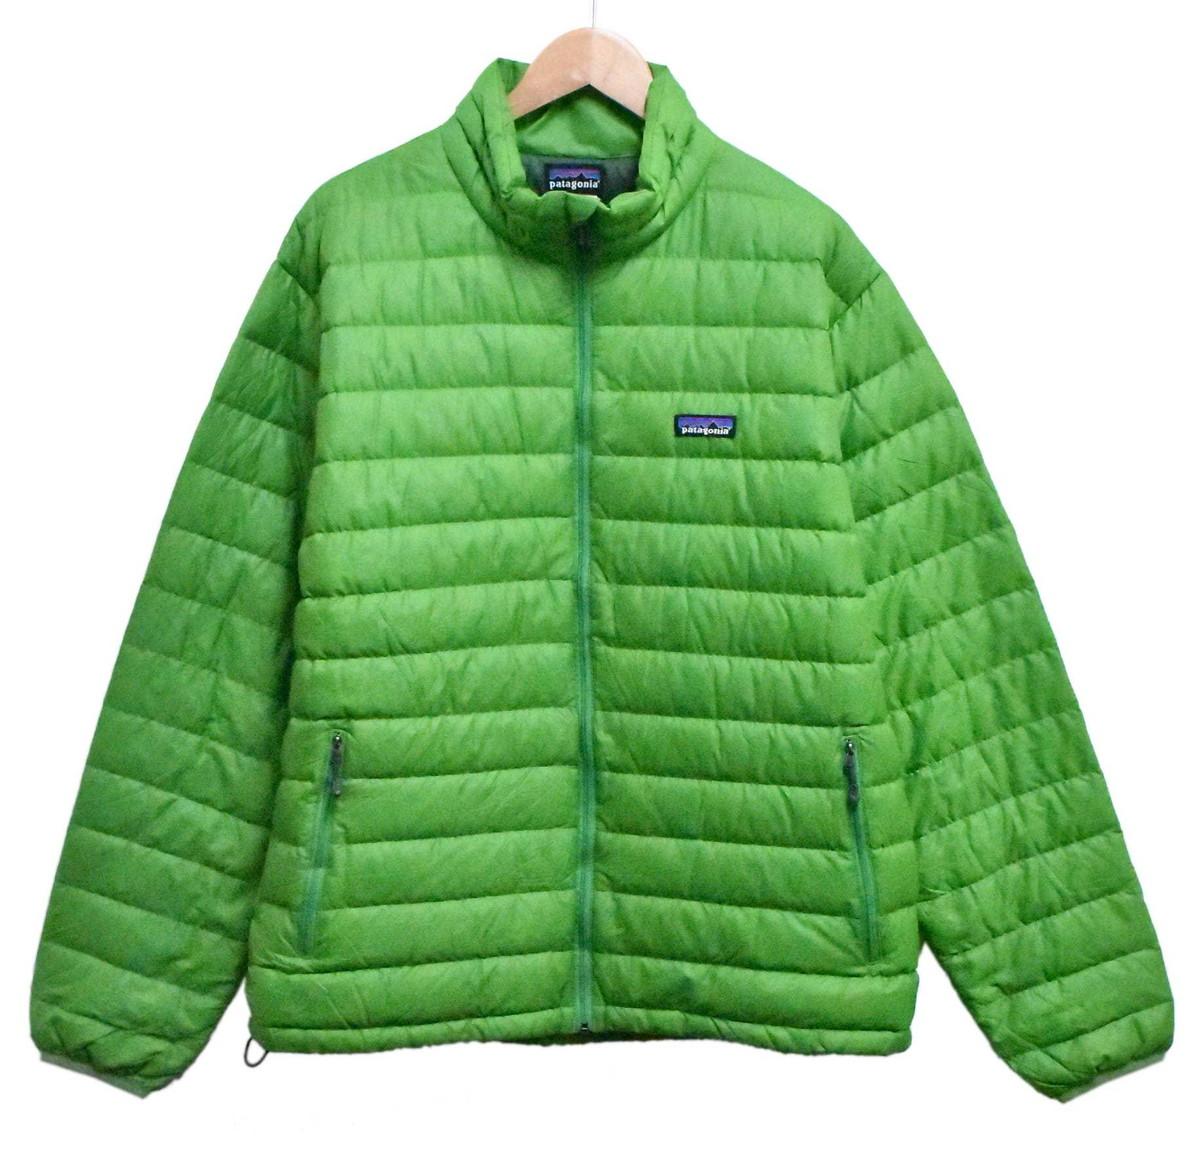 patagonia パタゴニア Down Sweater ダウンセーター 薄手 ダウンジャケット グリーン メンズL相当【中古】▼